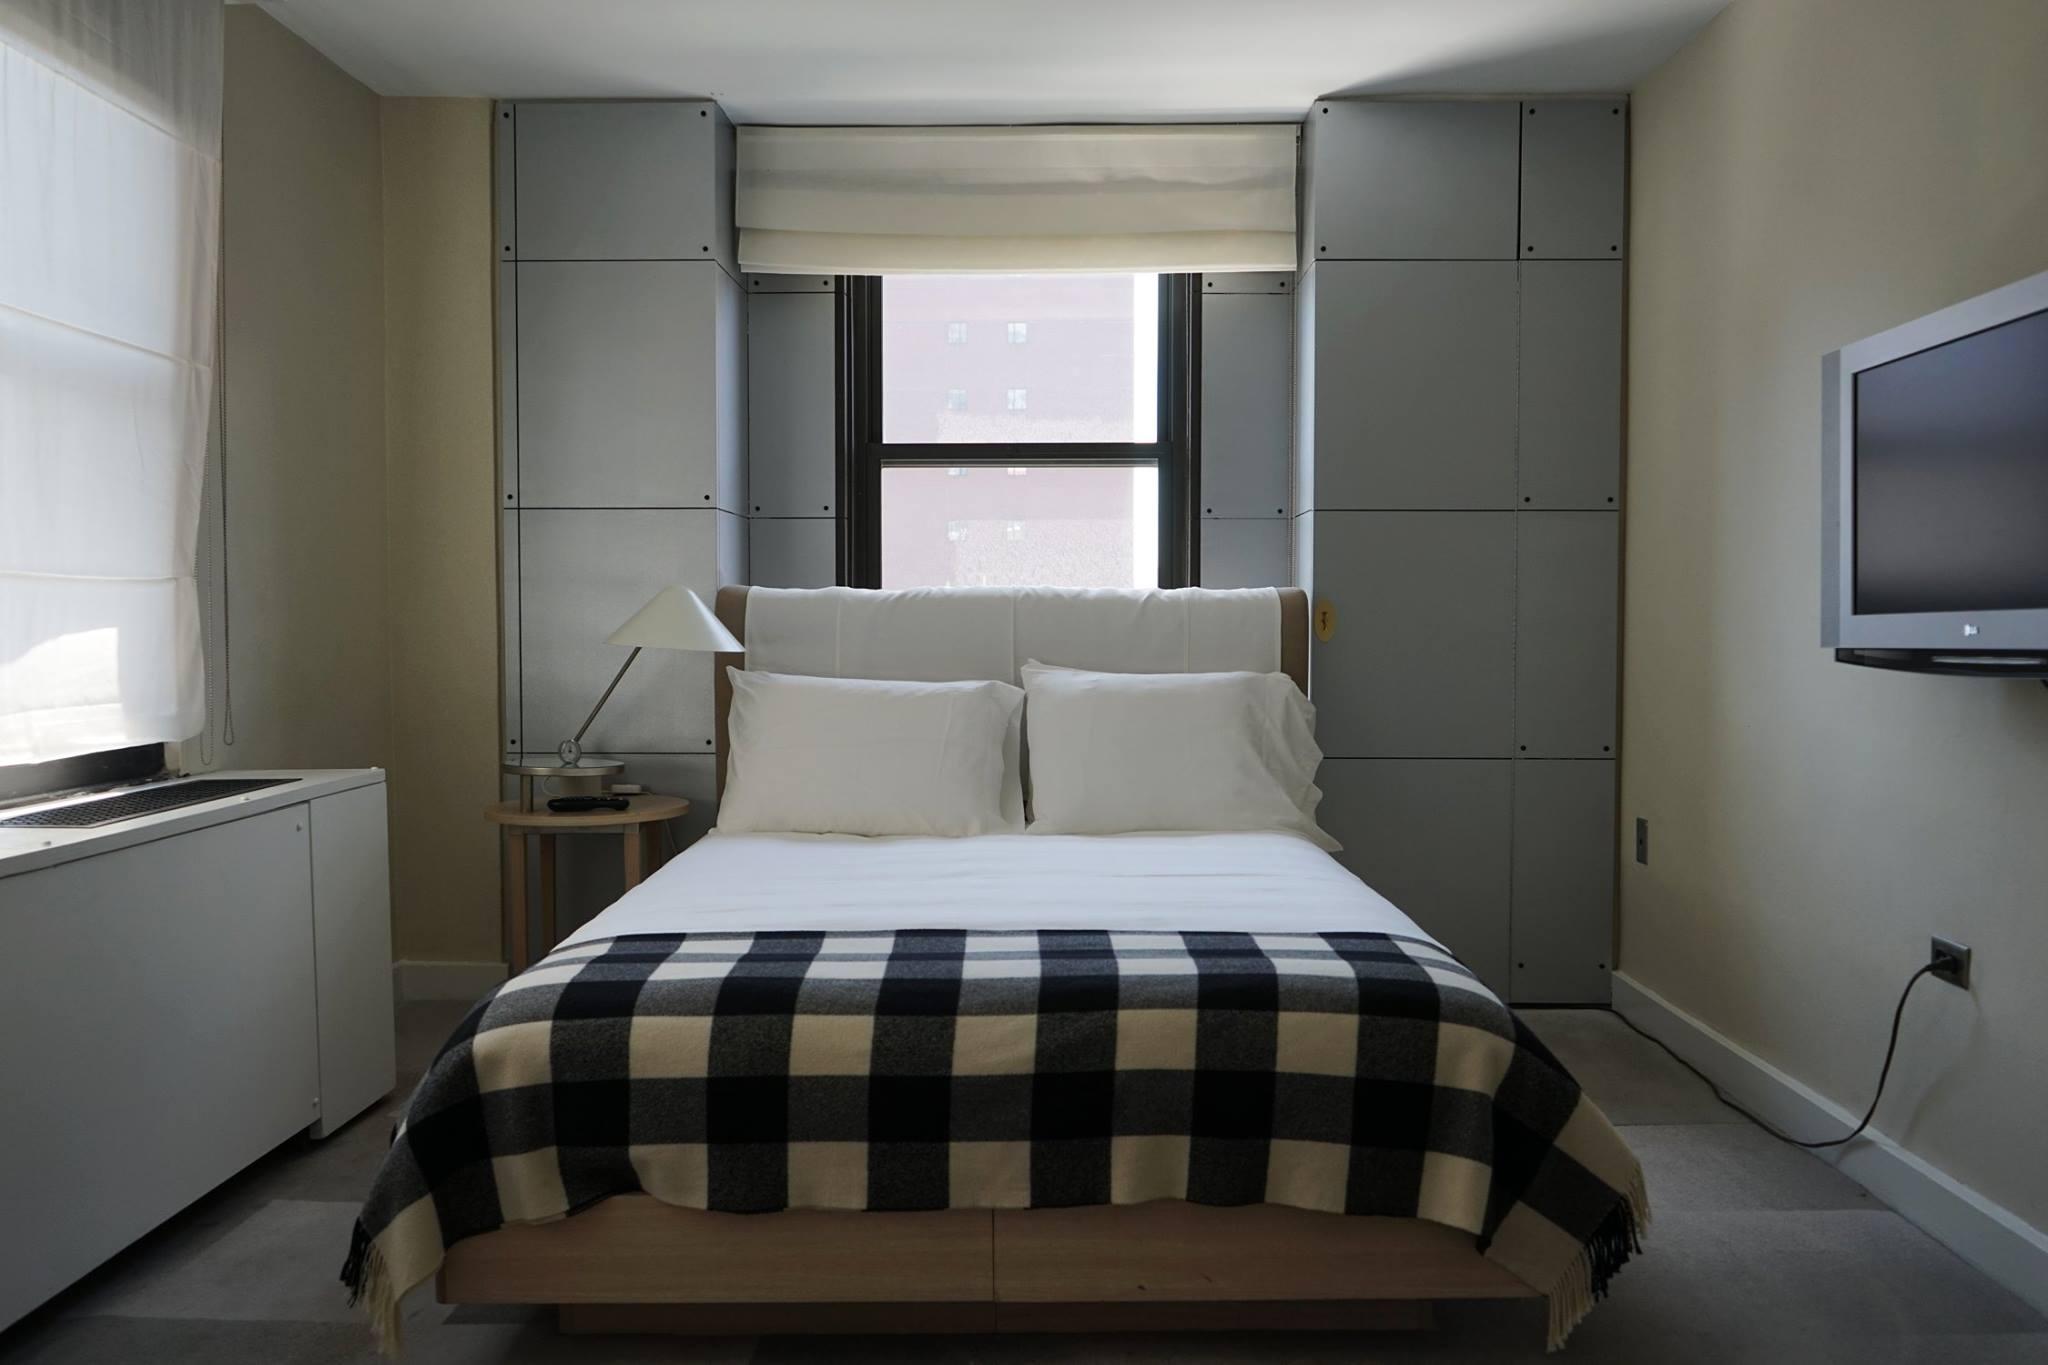 Hotel morgans el hotel de los cuadros hoteles originales for Hoteles con habitaciones comunicadas